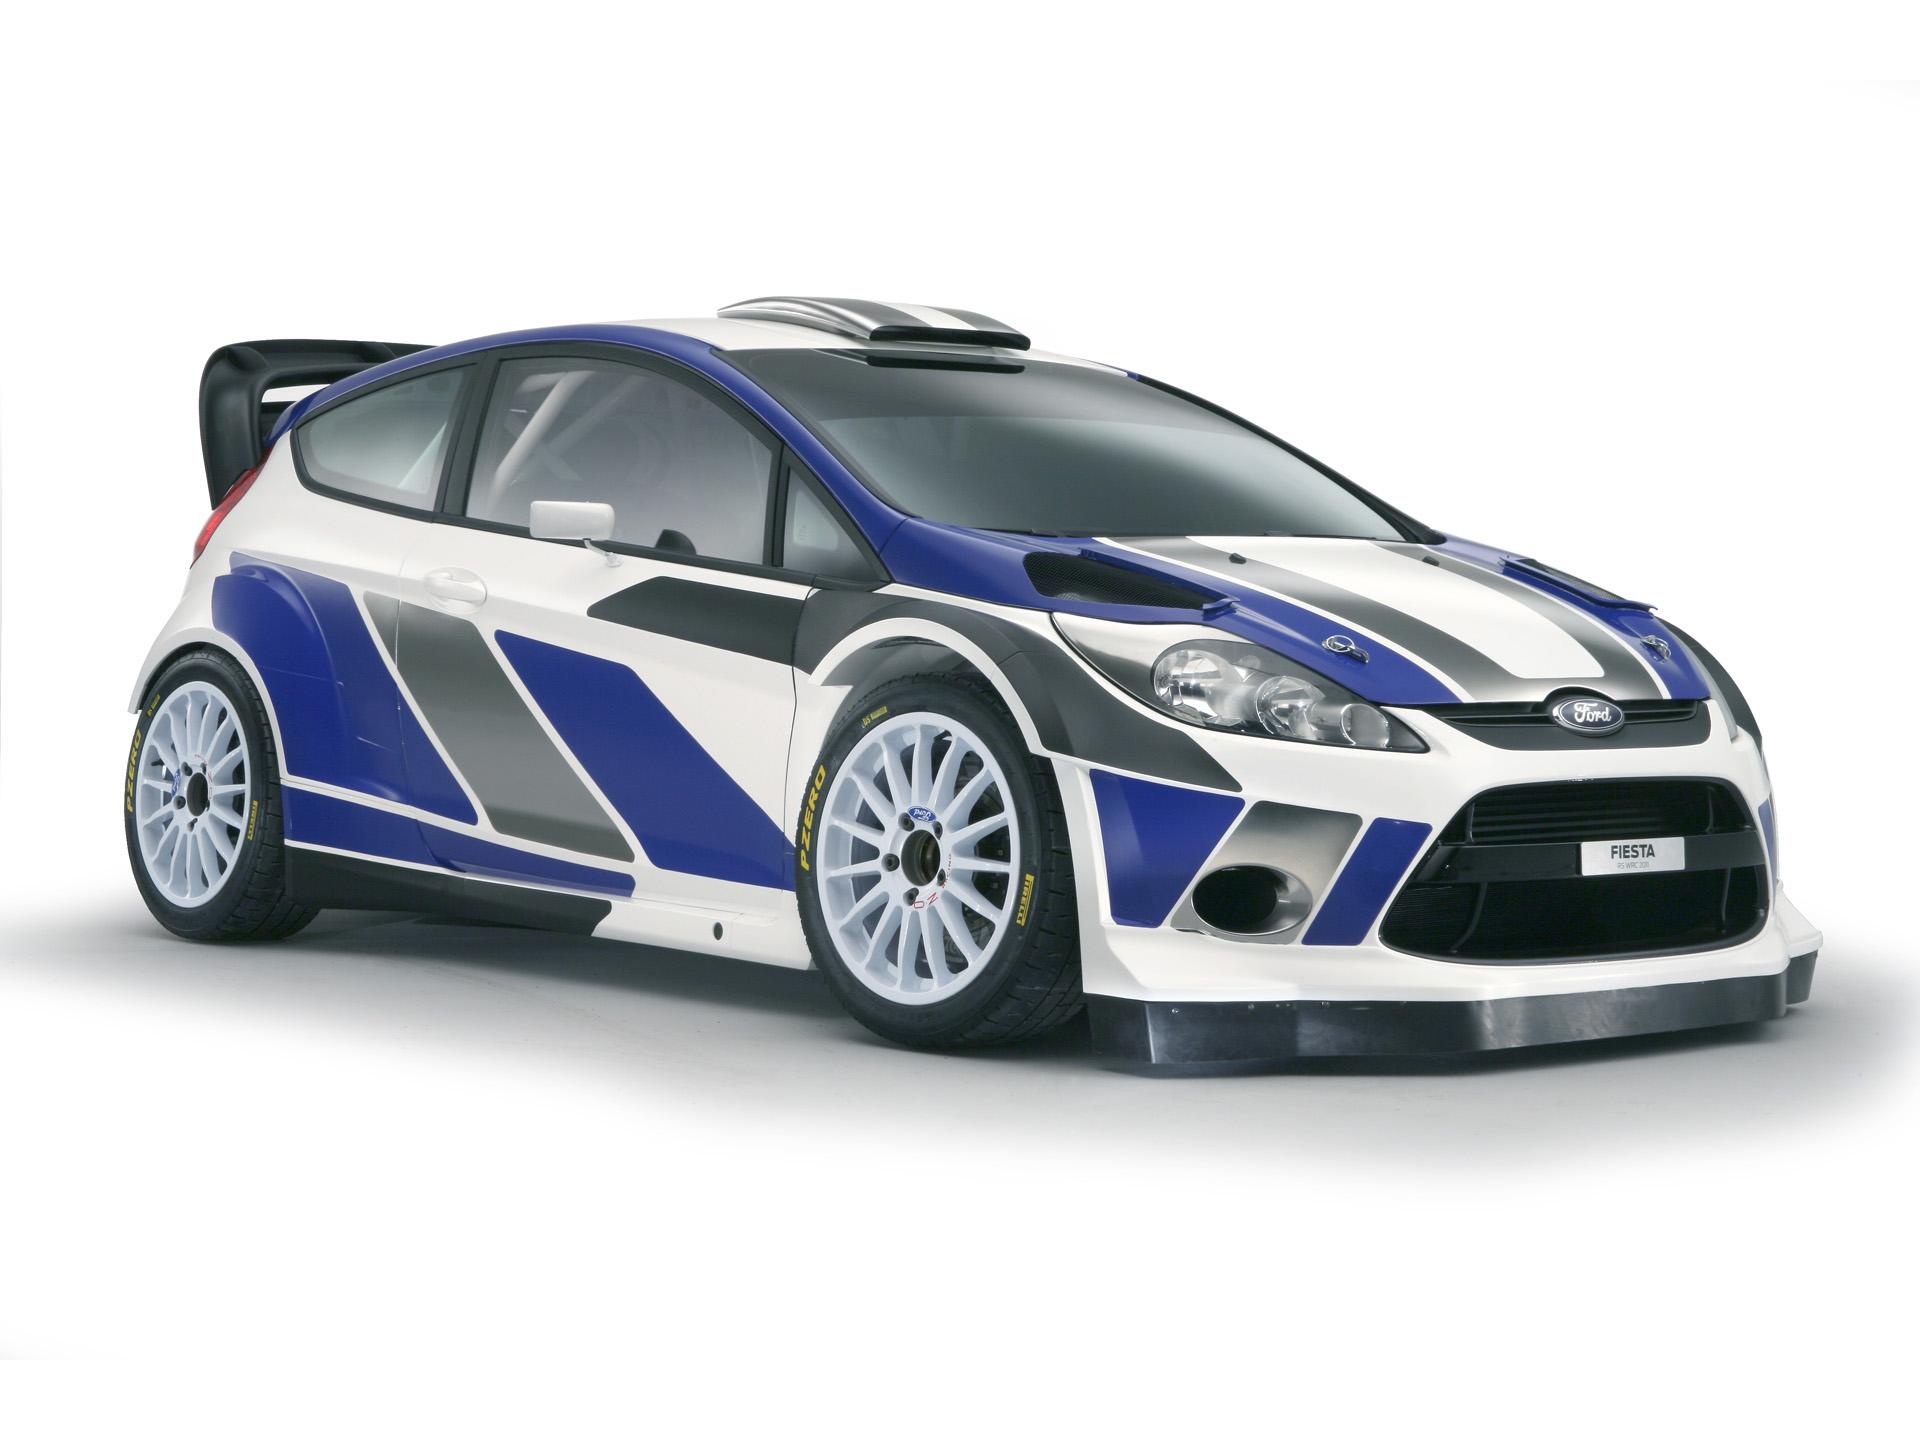 Раллийный гоночный автомобиль Форд Фиеста, Ford Fiesta Rally